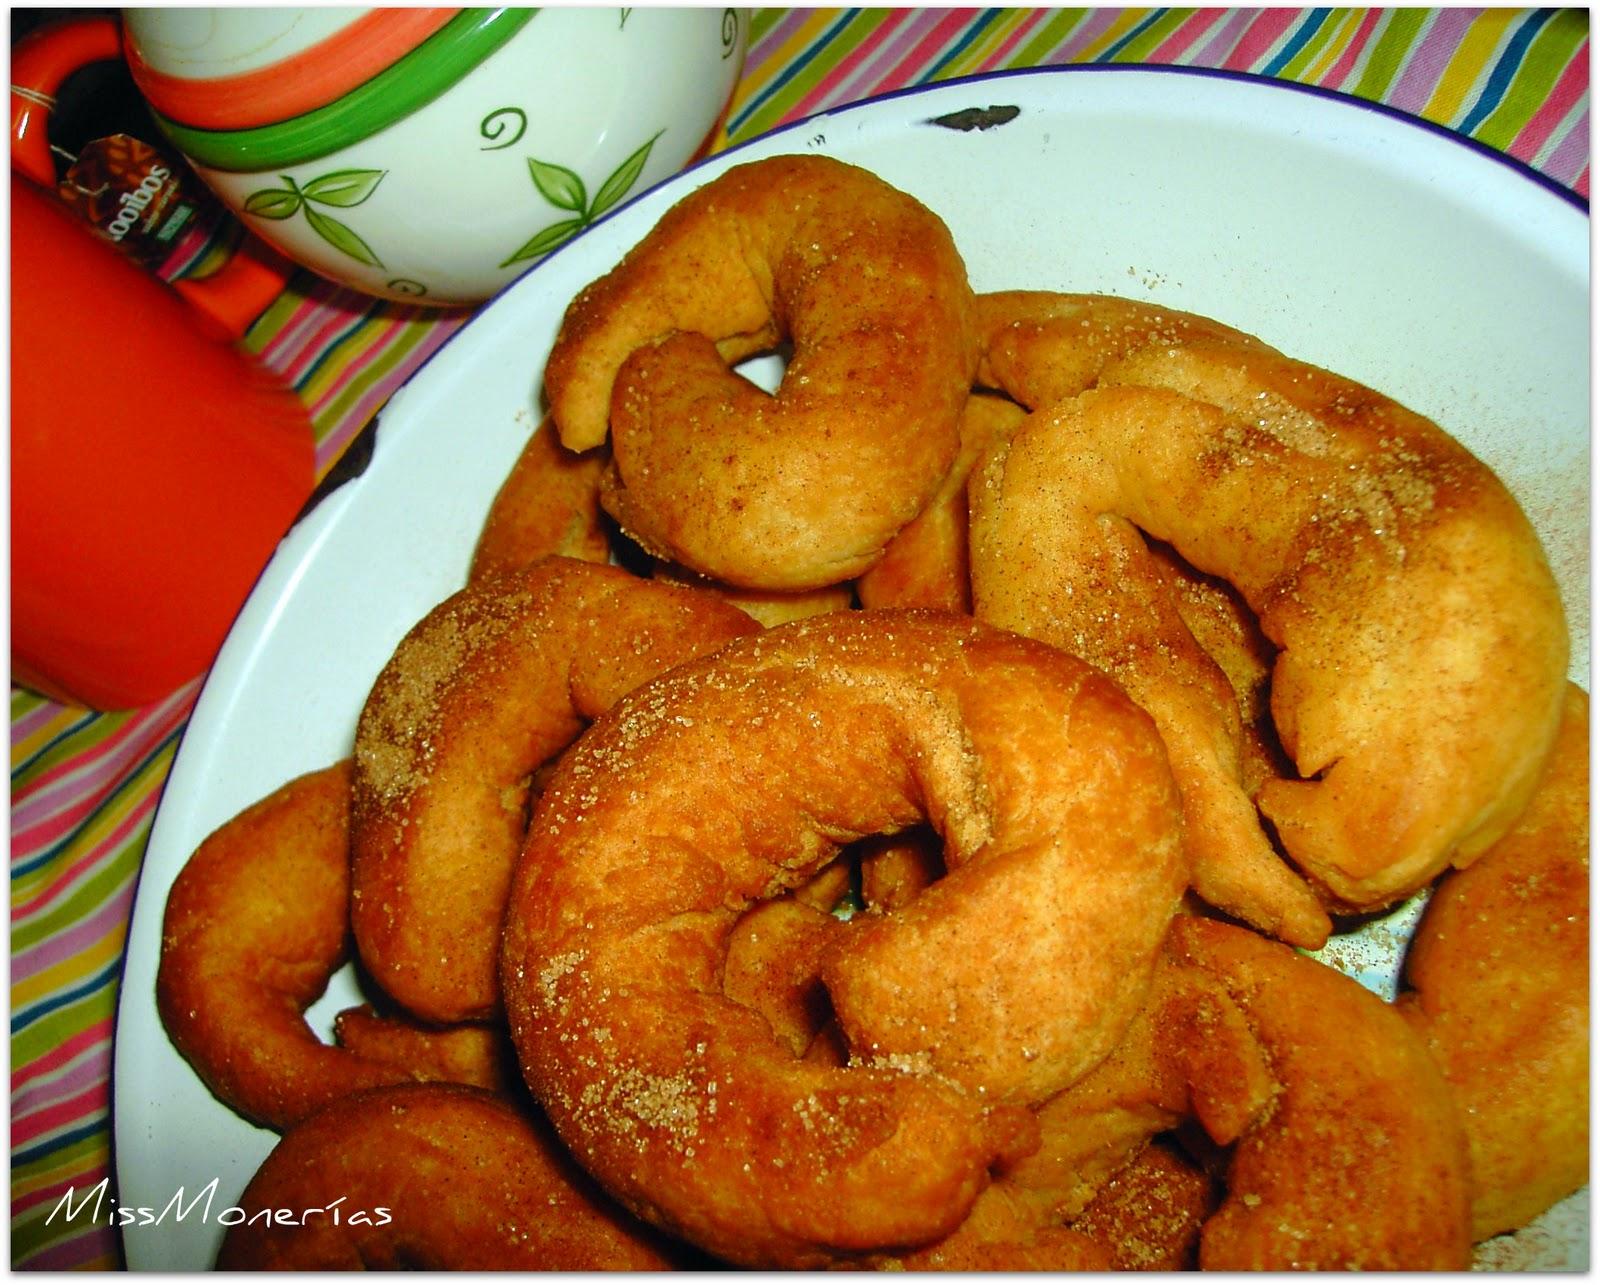 Sabores del mundo rosquillas fritas ganadora del sorteo - Cursos cocina asturias ...